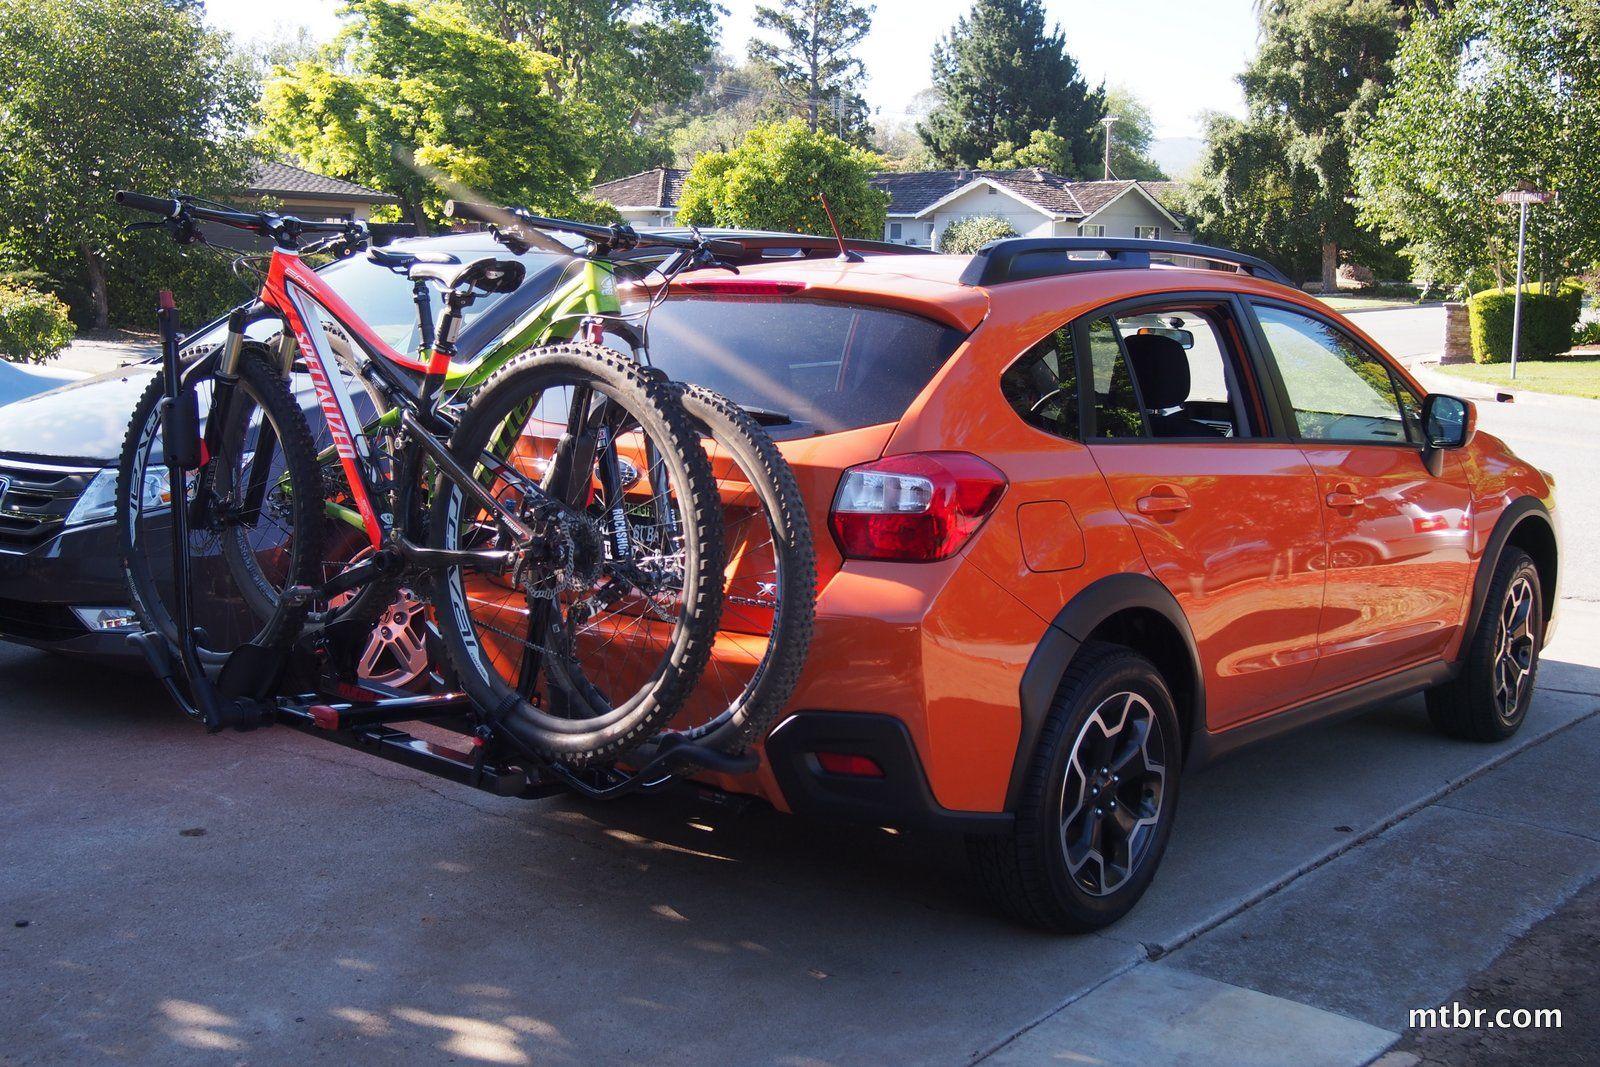 Review Subaru Xv Crosstrek Long Term Update Mtbr Com Subaru Crosstrek Subaru Rear Bike Rack